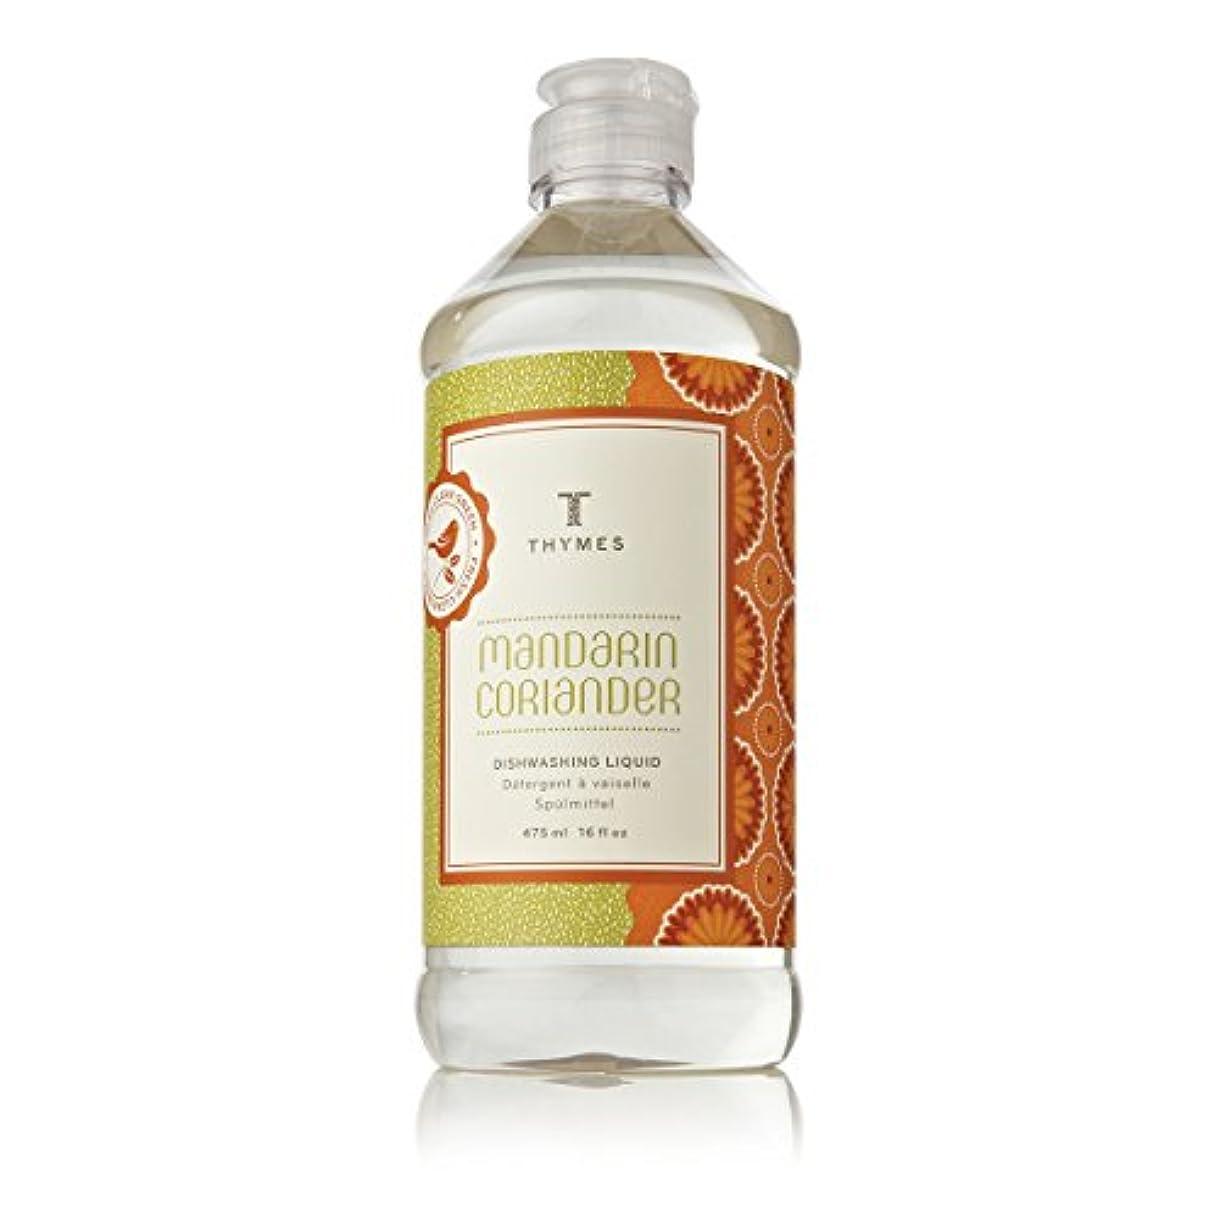 曲寝室を掃除するレンズThymes Mandarin Coriander Dishwashing Liquid - Oz. Natural Body Hand 0510720100 by Thymes [並行輸入品]